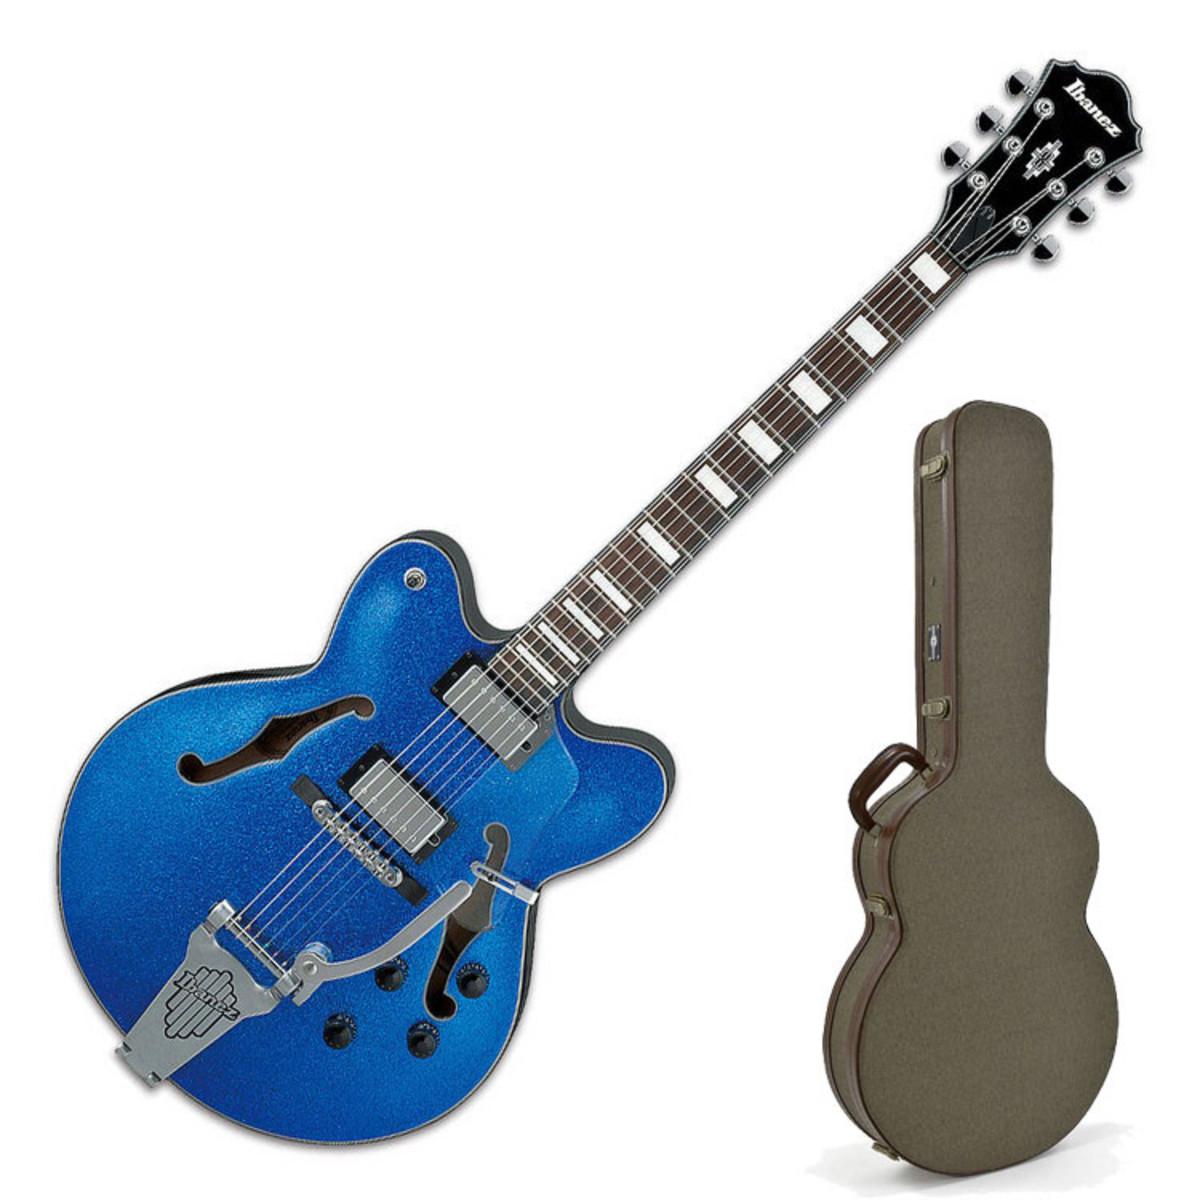 ibanez afd75t artcore guitare lectrique blue sparkle. Black Bedroom Furniture Sets. Home Design Ideas